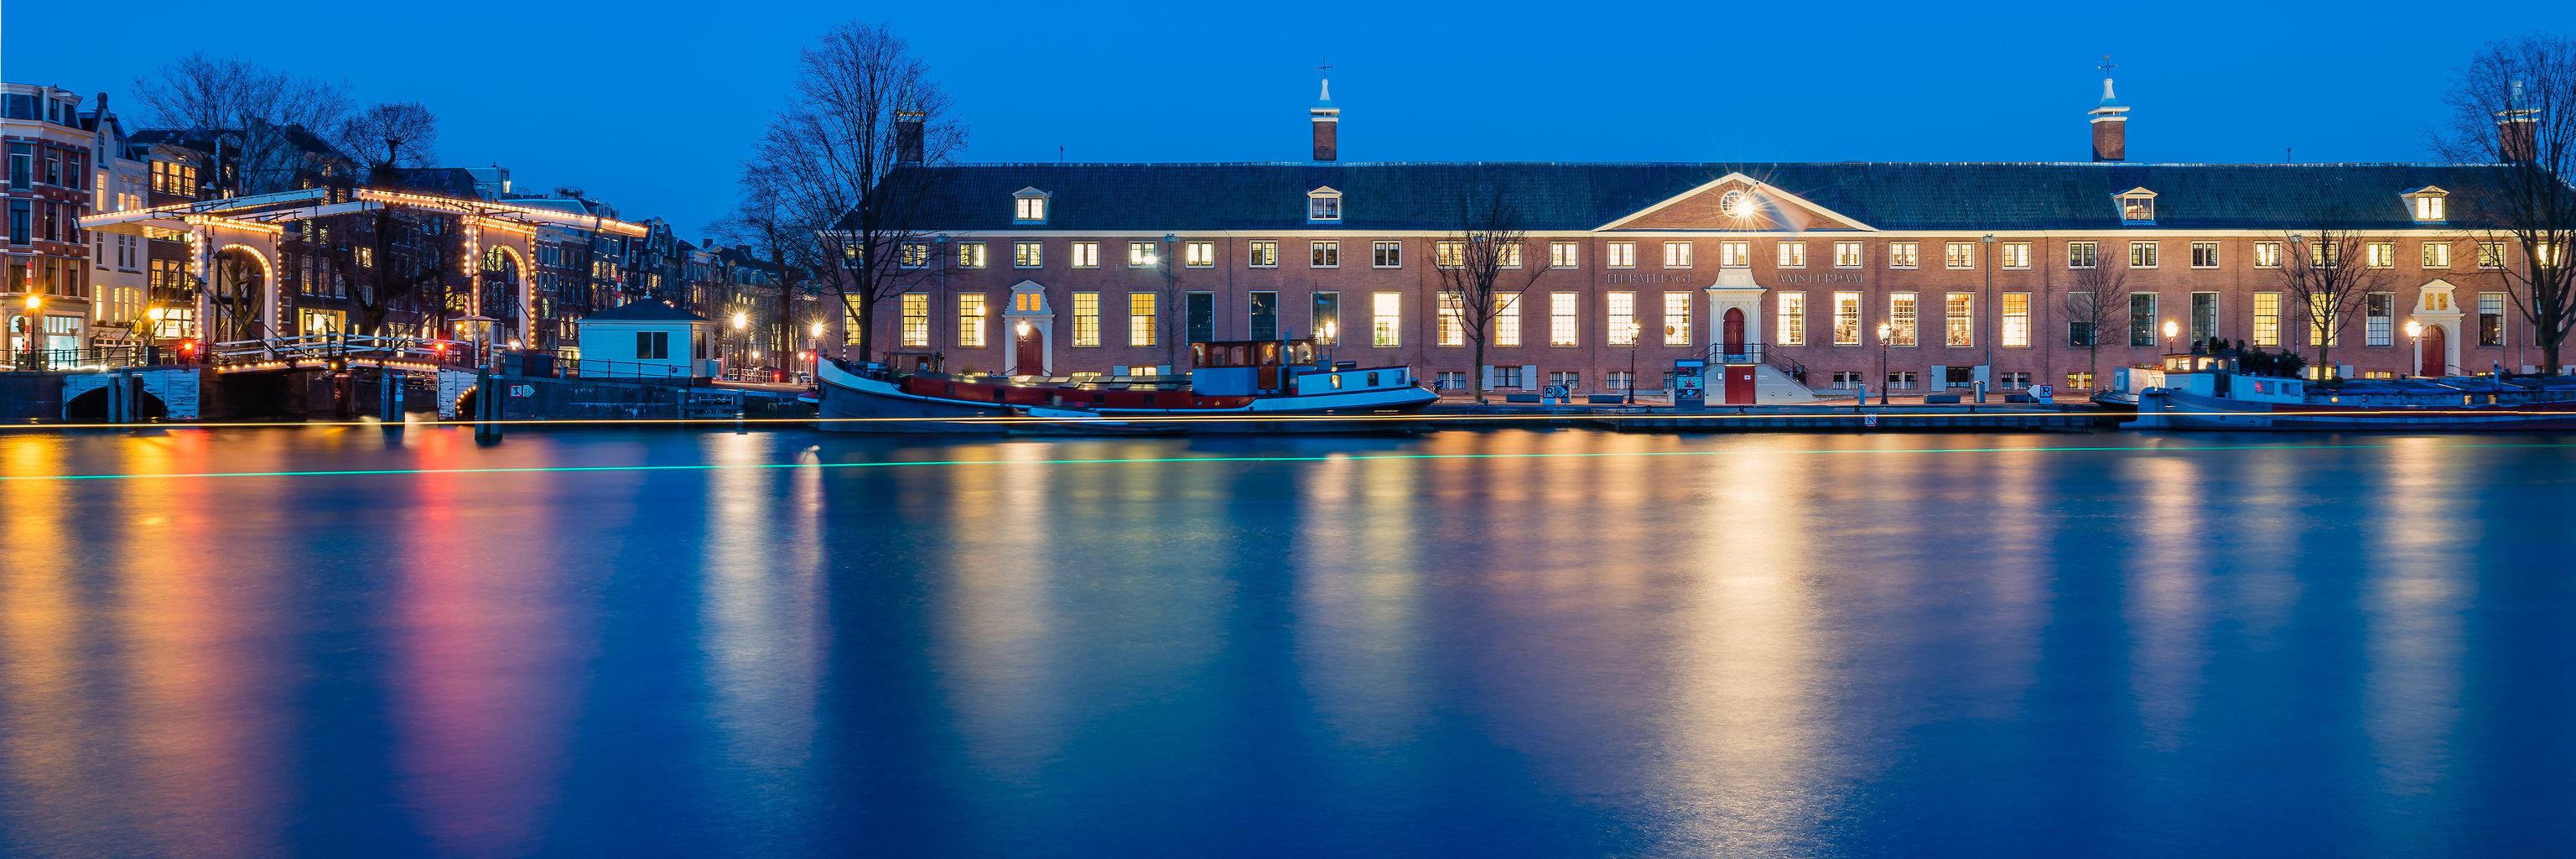 De Hermitage en de Walter Süskindbrug, Amsterdam